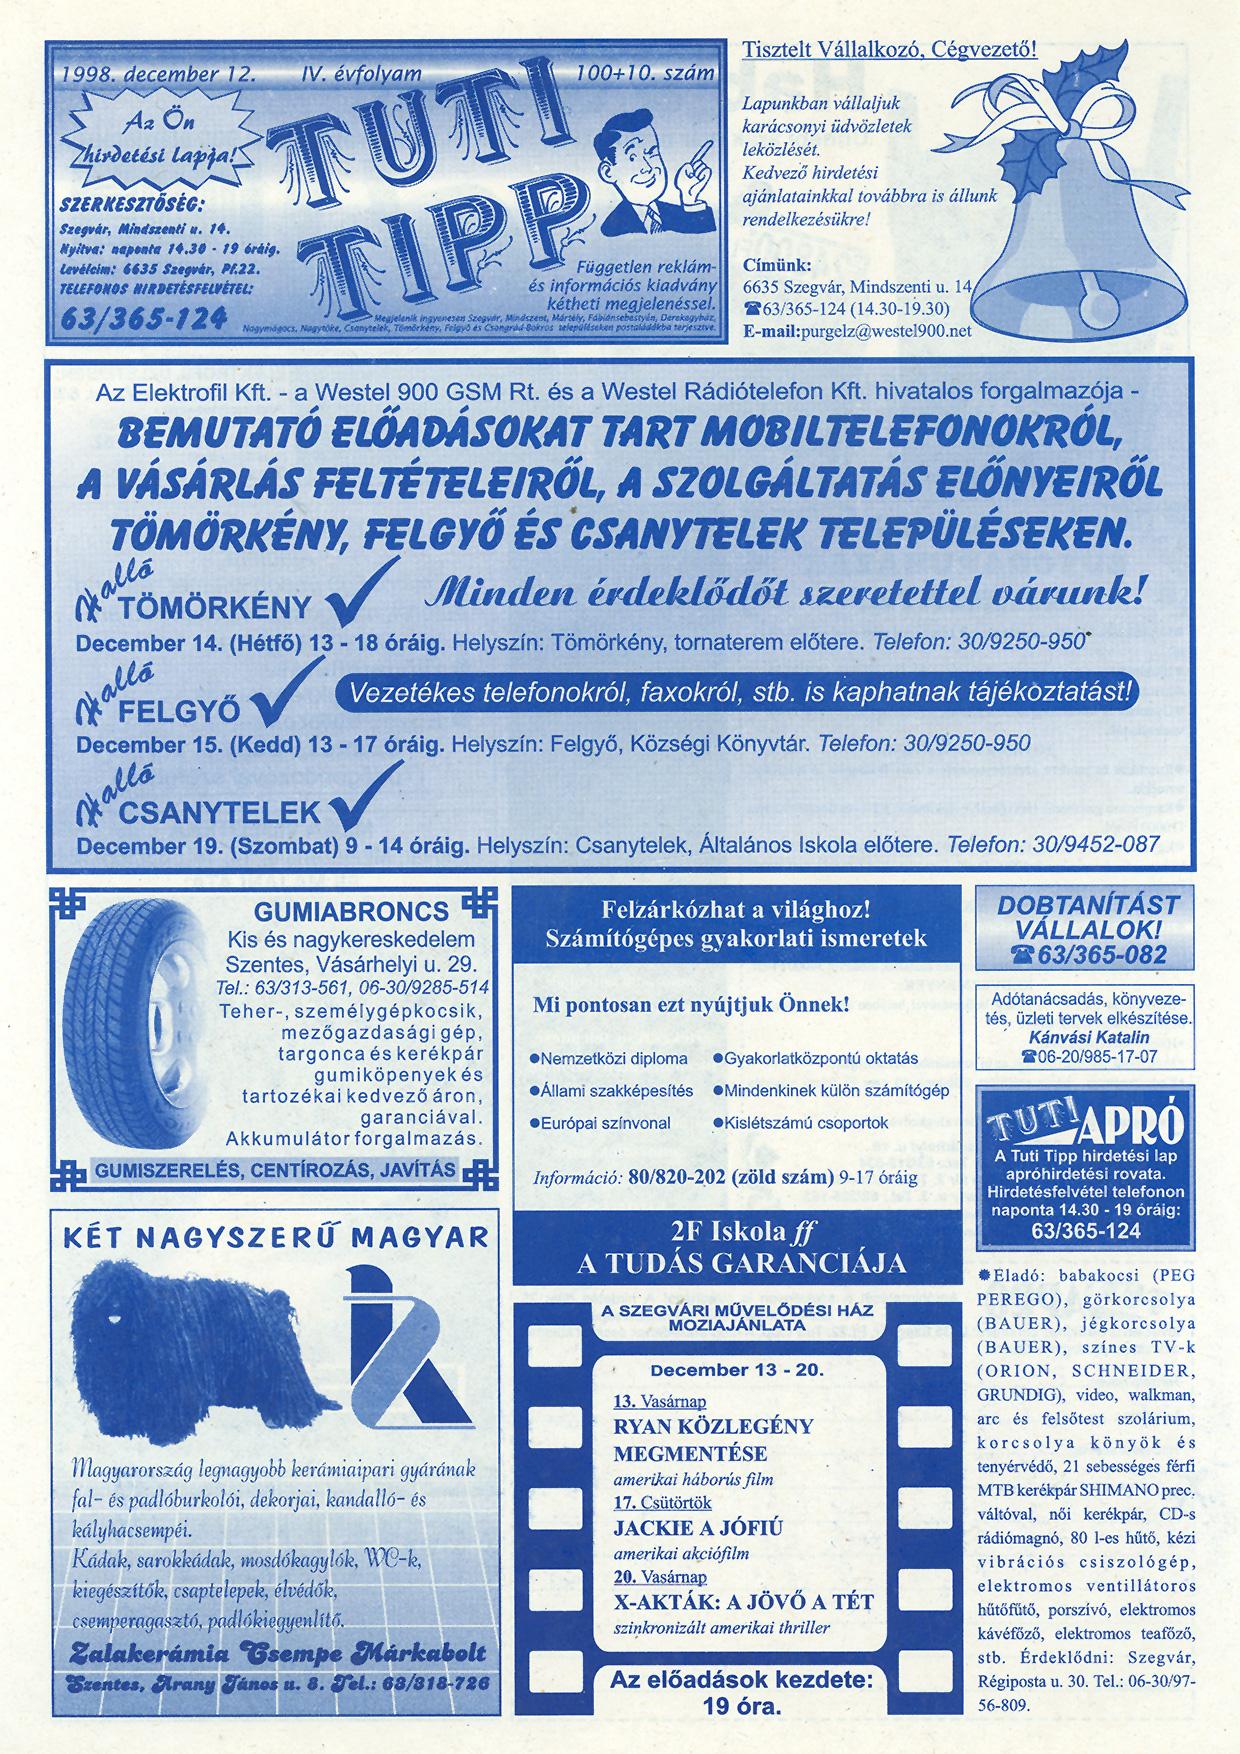 061 Tuti Tipp reklámújság - 19981212-100+010. lapszám - 1.oldal - IV. évfolyam.jpg